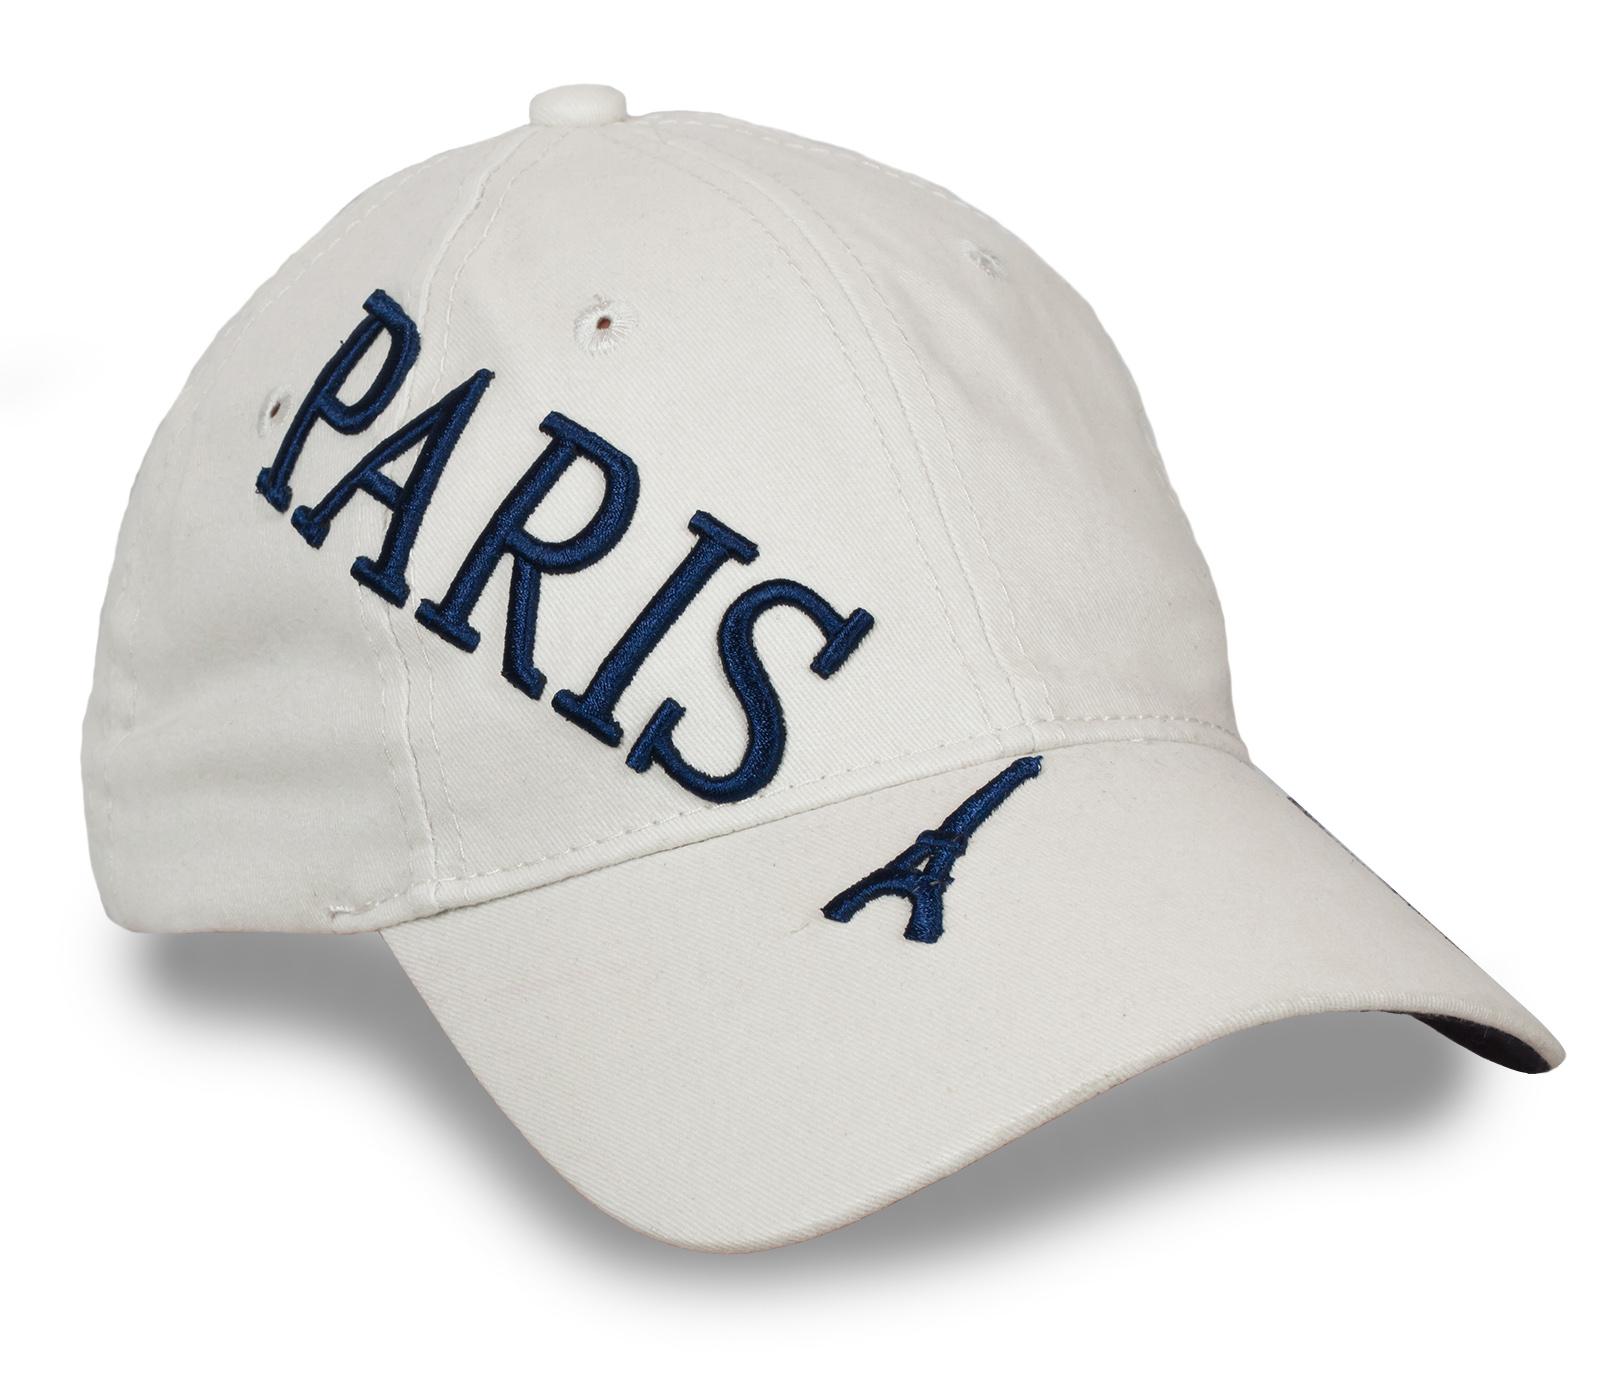 ПРОКАЧАЙ СВОЁ ЛЕТО! Белая бейсболка PARIS – стильный аксессуар в мужском и женском гардеробе.